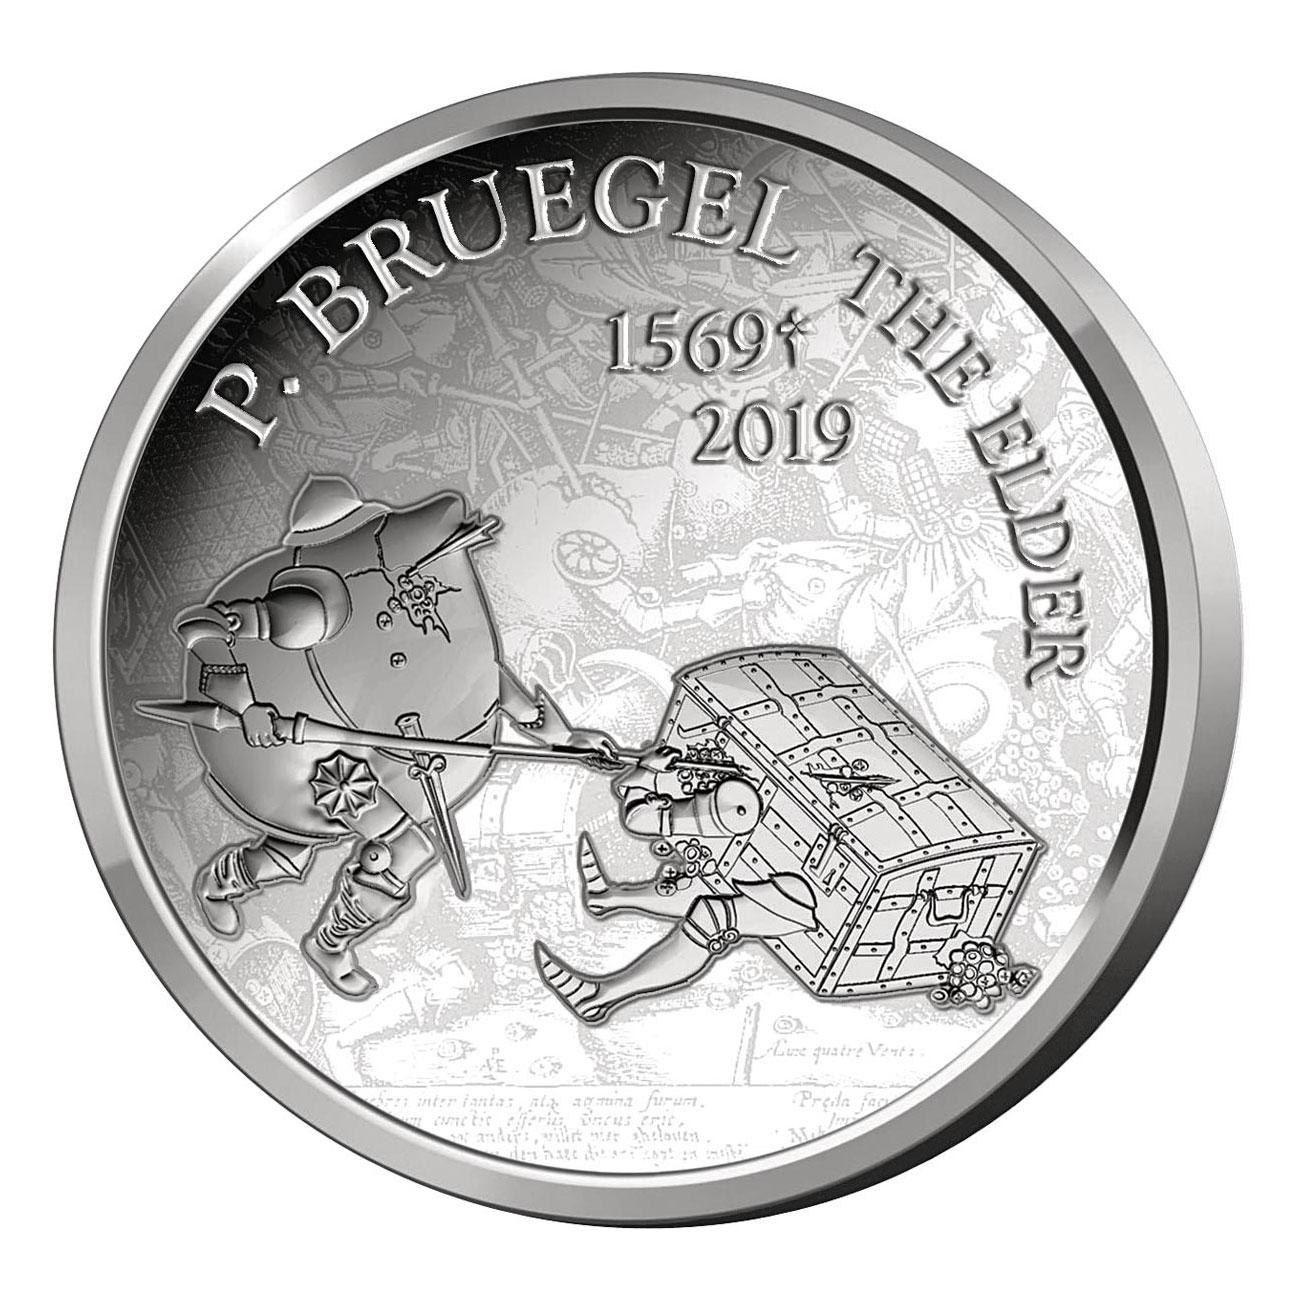 10 евро к 450-летию со дня смерти Питера Брейгеля